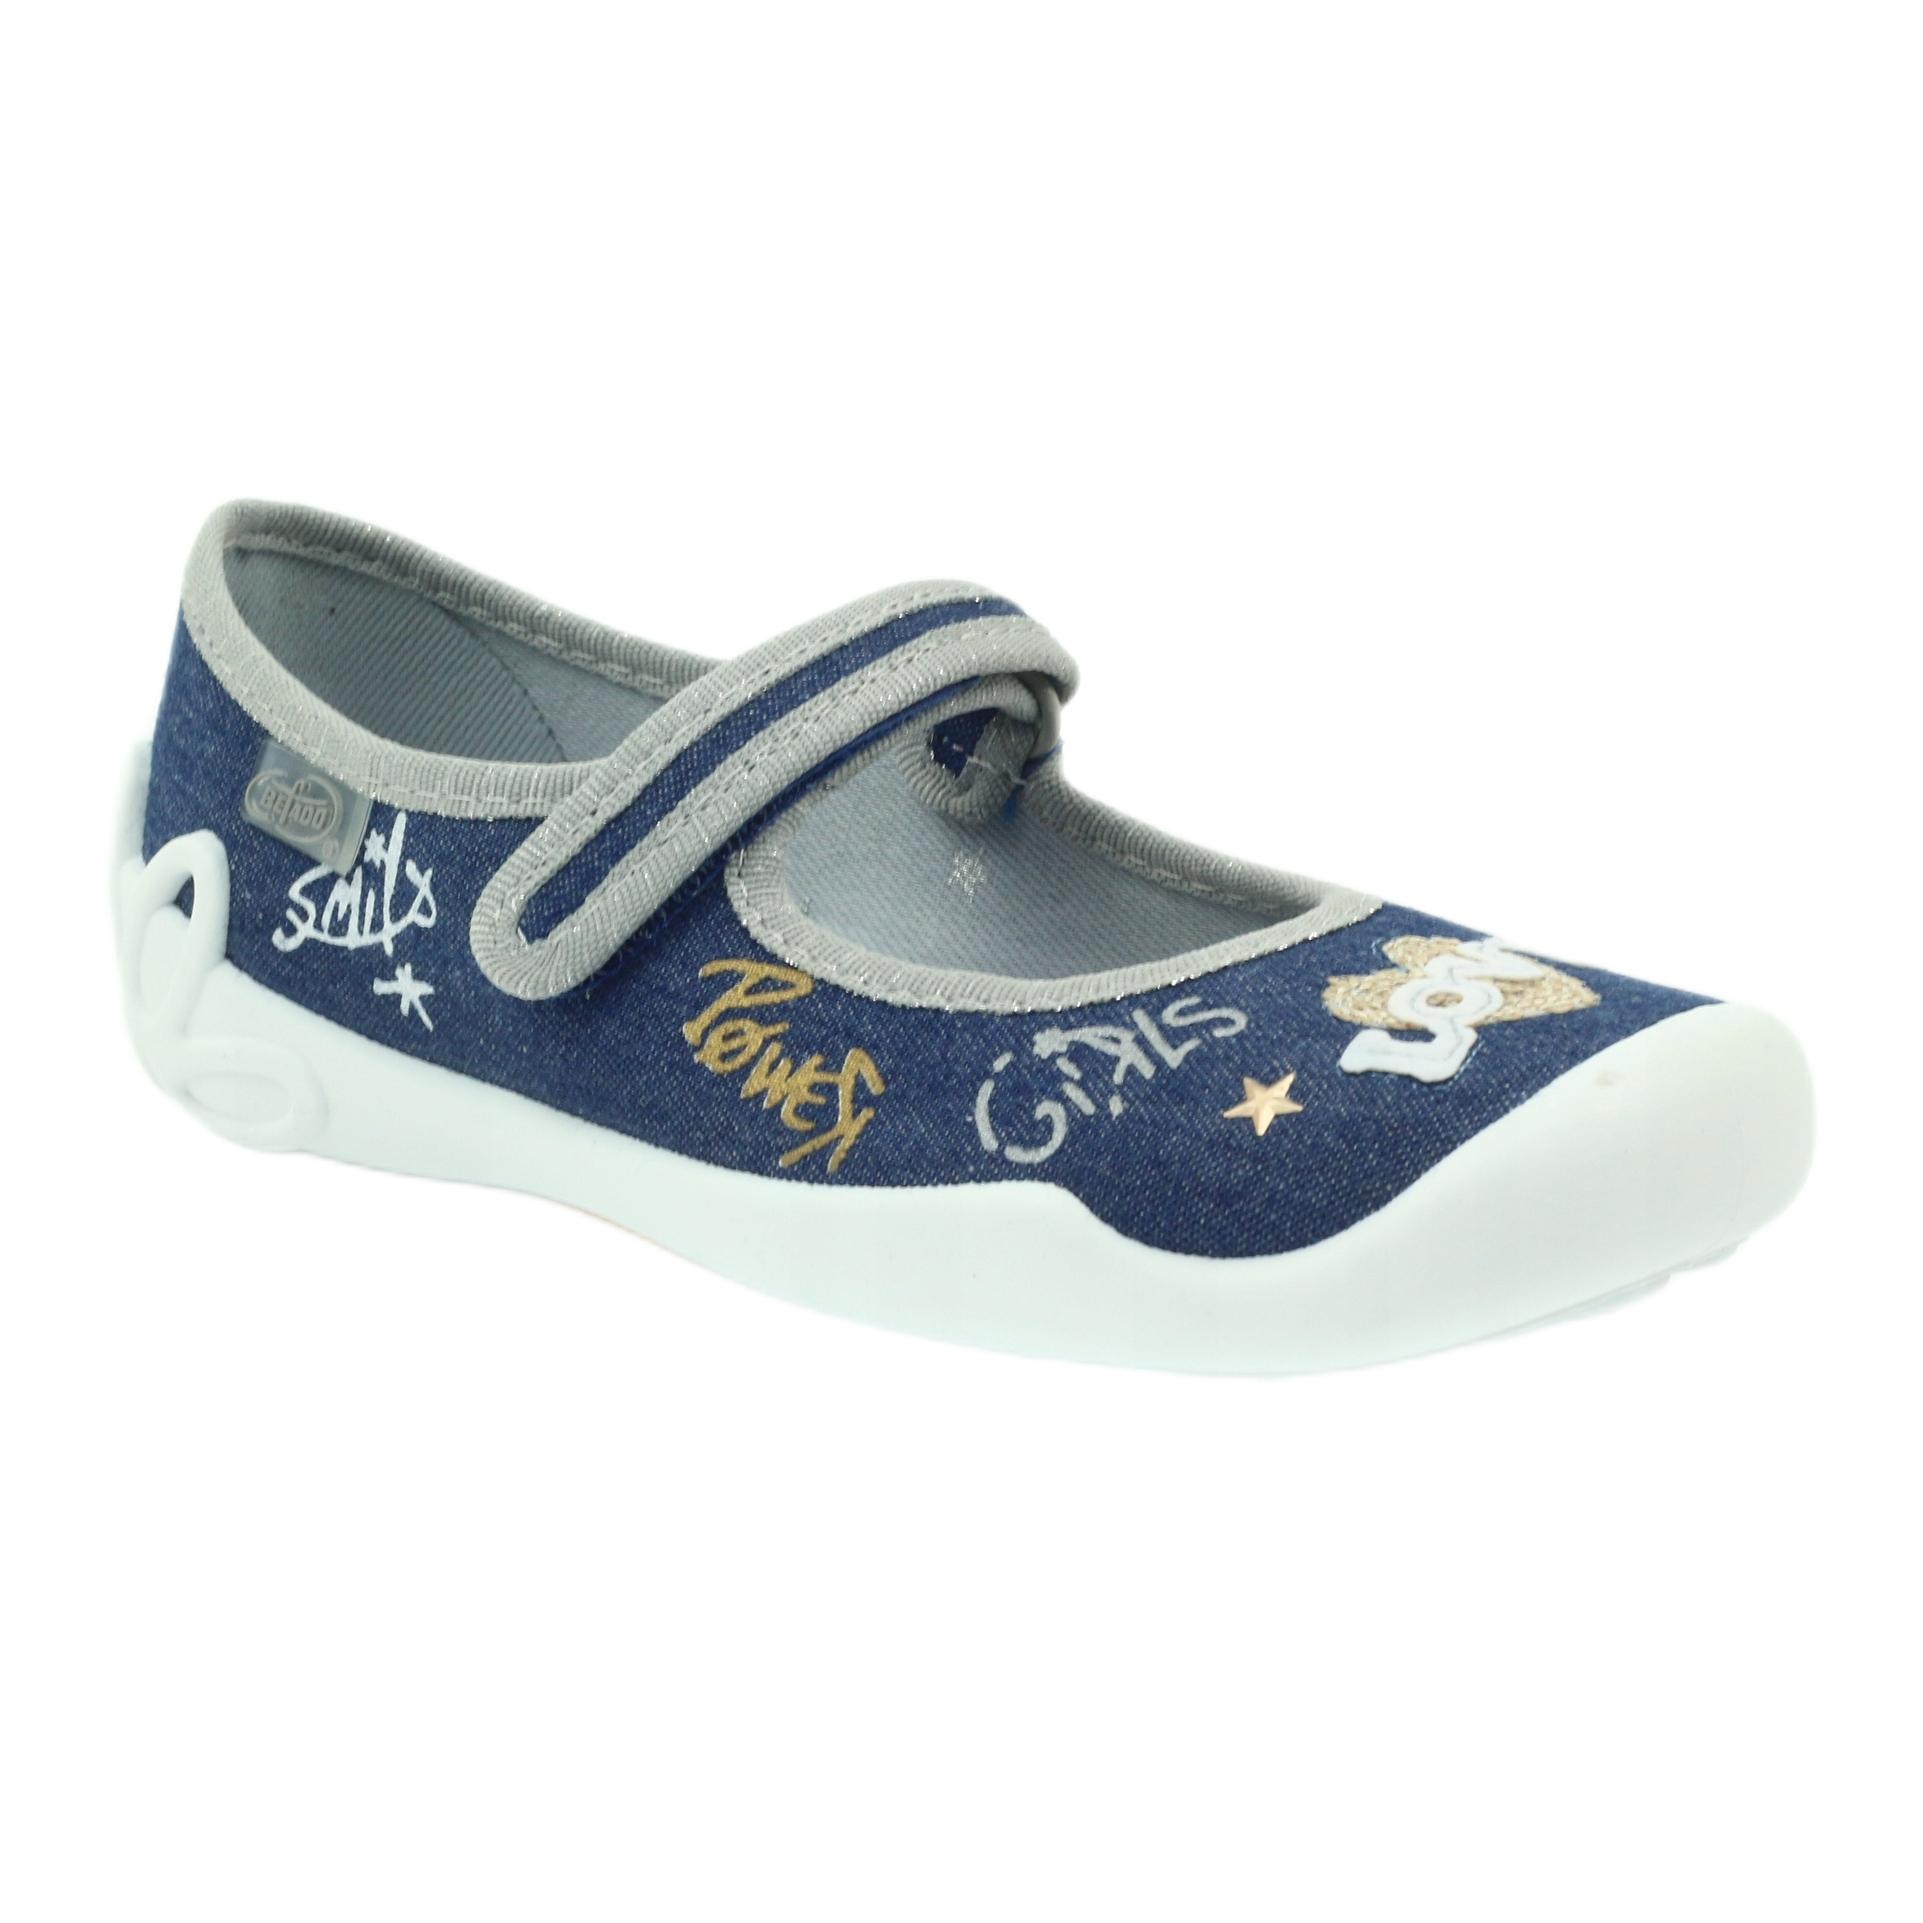 miniatura 3 - Scarpe per bambini Befado 114Y313 blu grigio